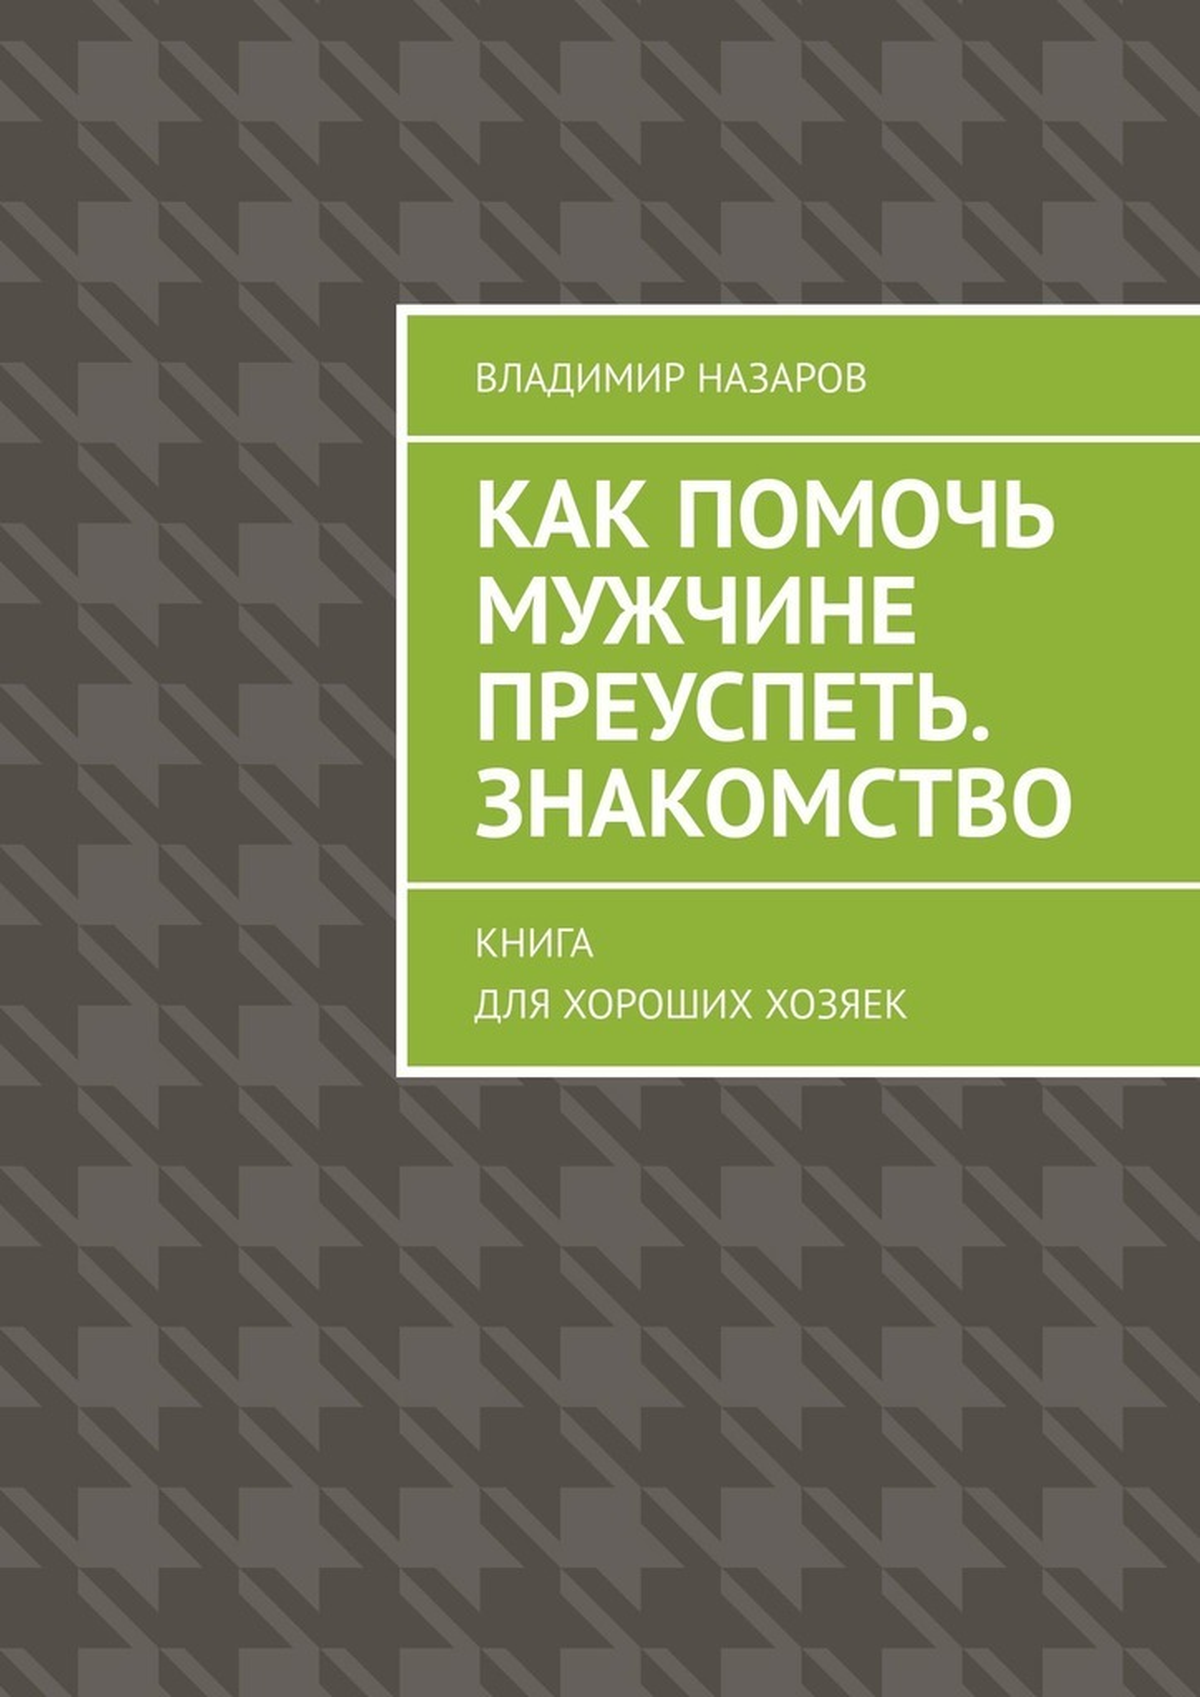 Владимир Назаров Как помочь мужчине преуспеть. Знакомство. Книга для хороших хозяек